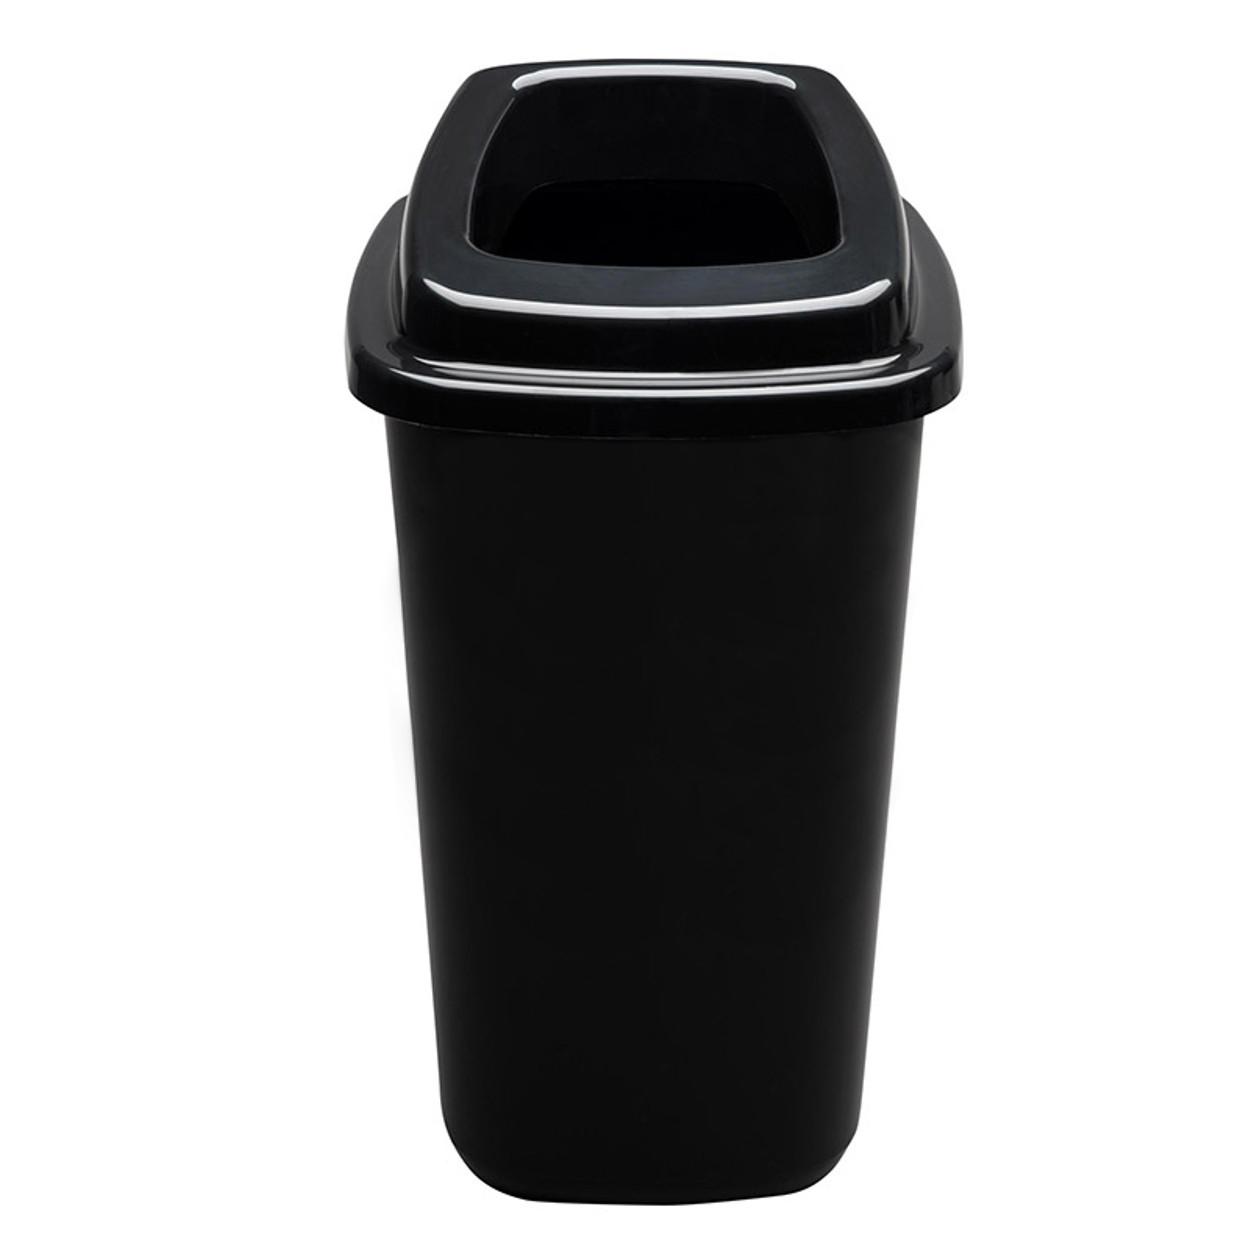 Plastový koš na tříděný odpad, 90 l, černá